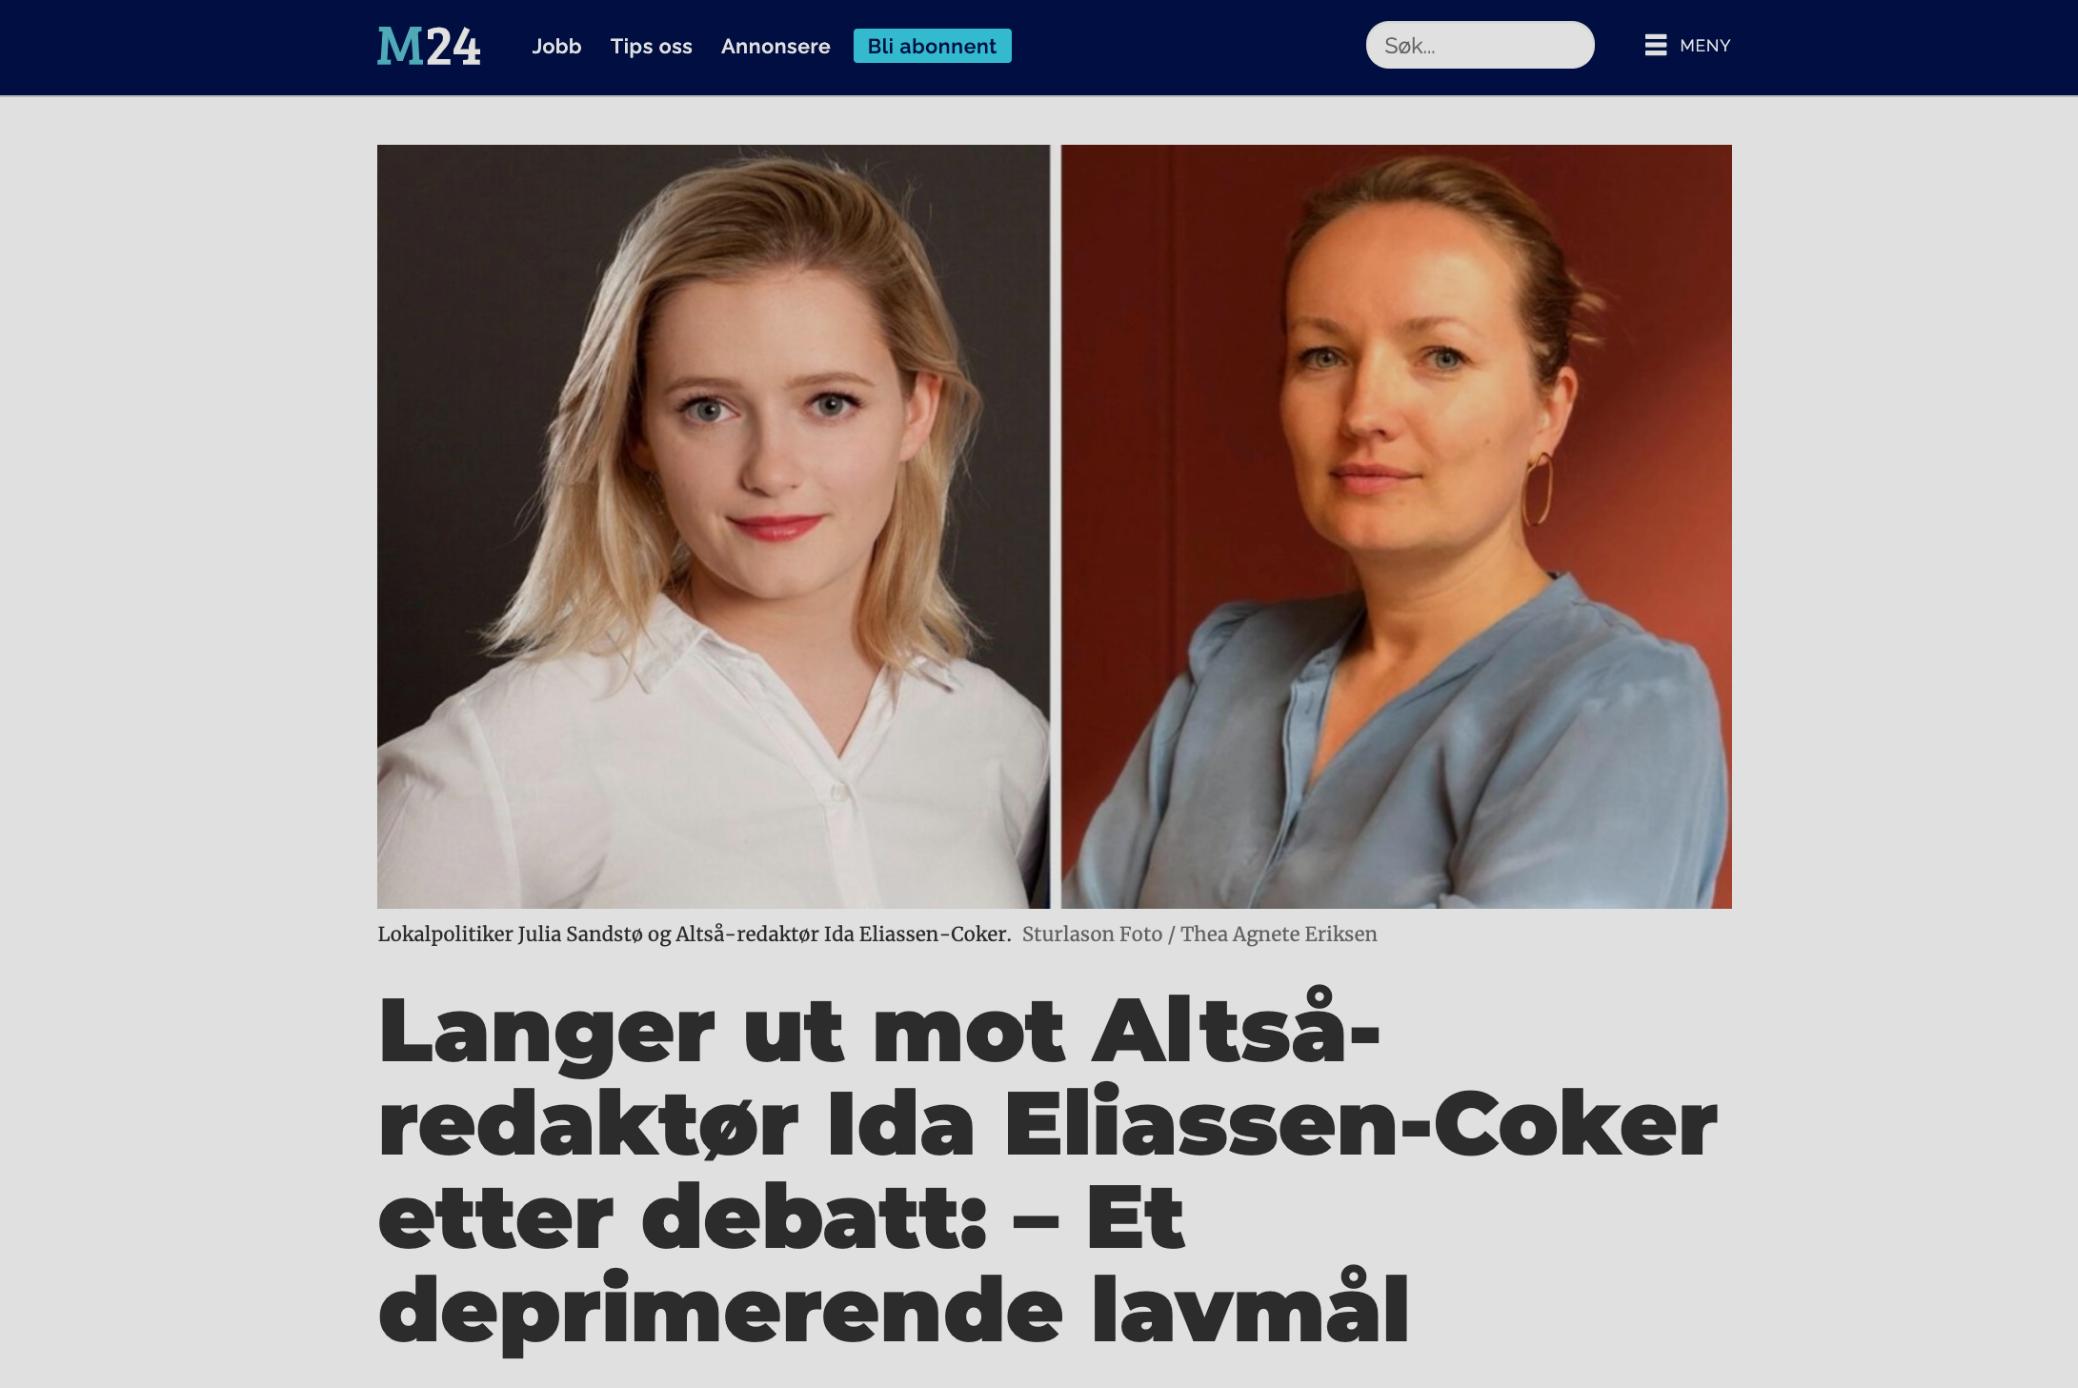 M24: Langer ut mot ALTSÅ-redaktør etter debatt